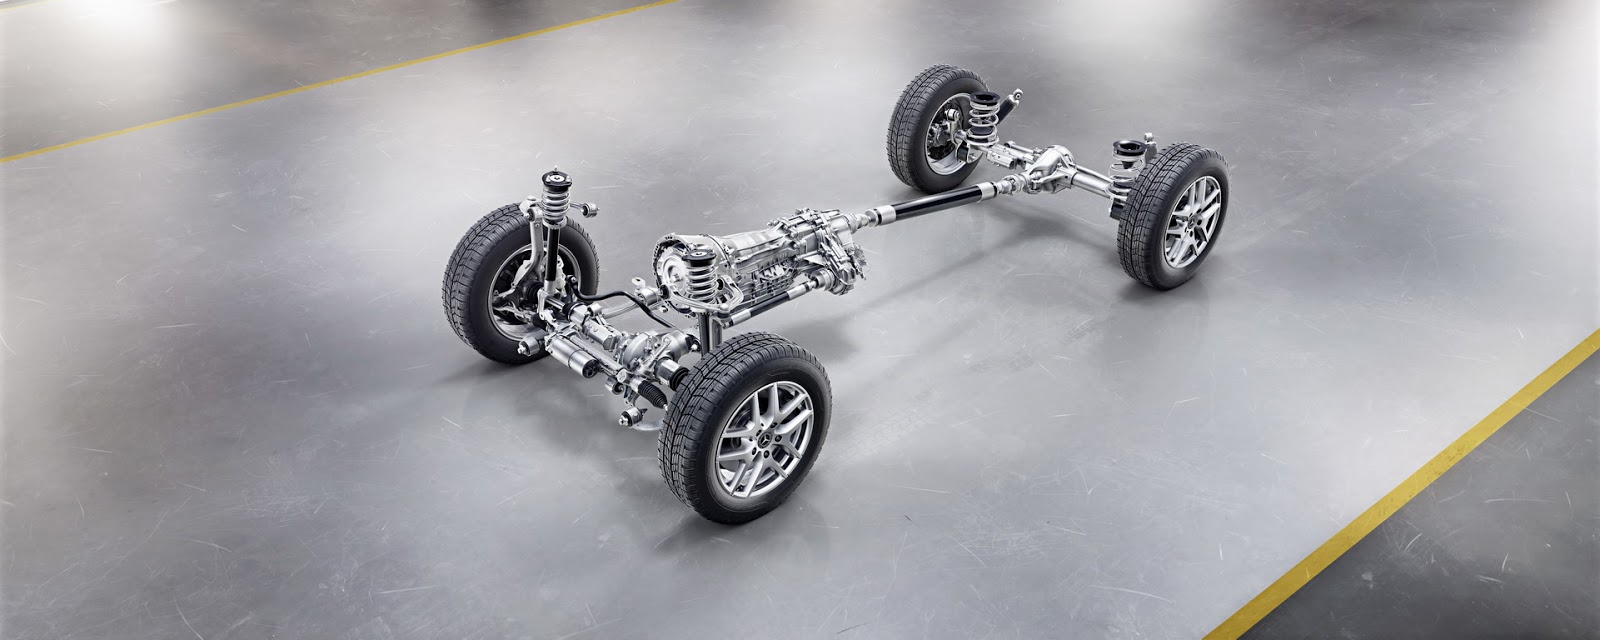 2019-Mercedes-Benz-G-Class-003.jpg